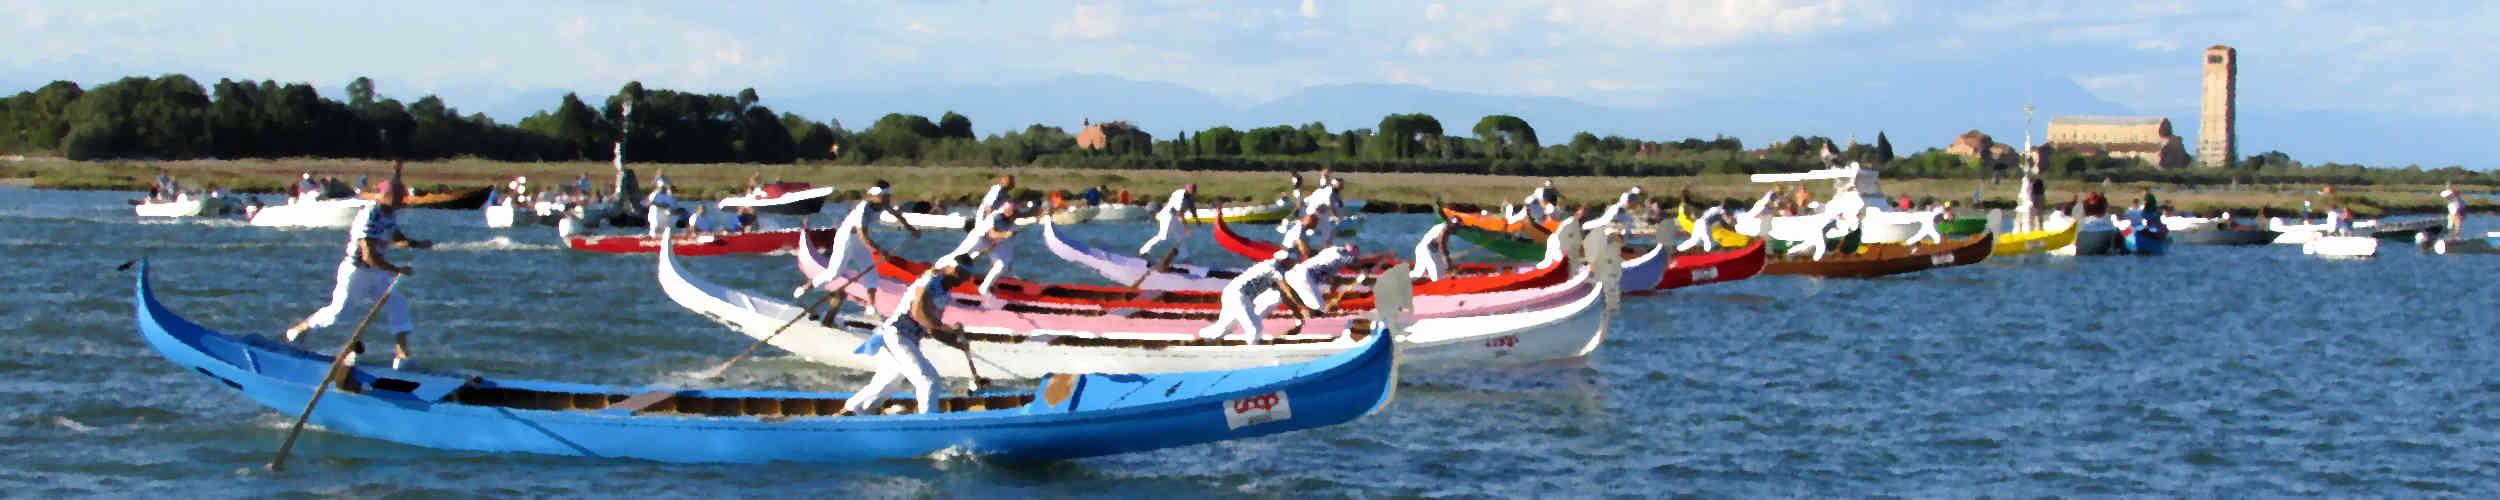 burano regatta